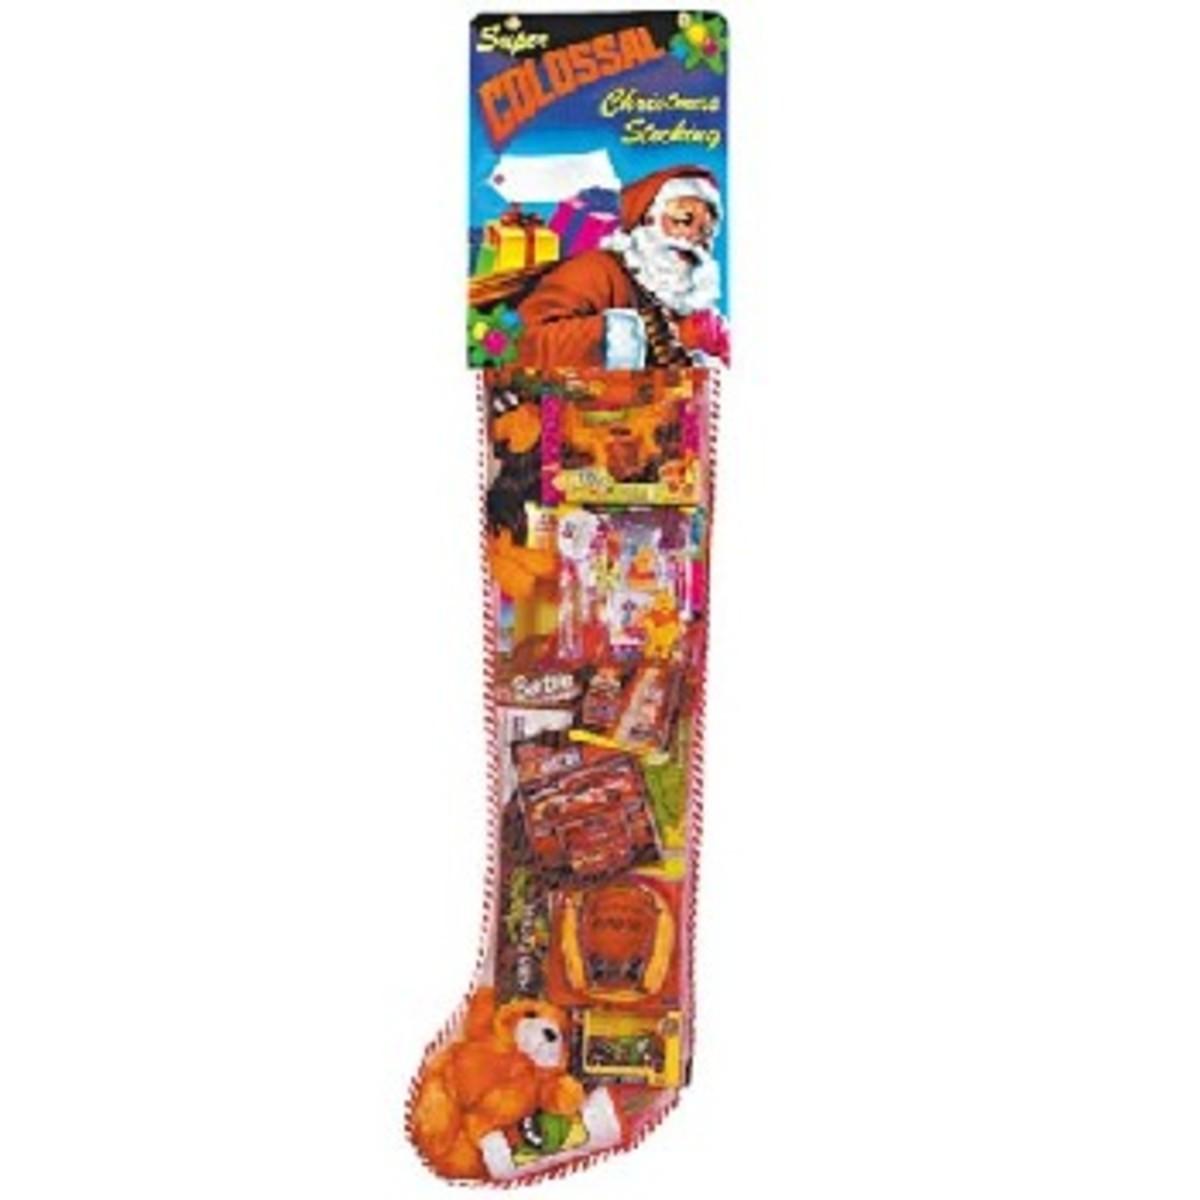 Giant Christmas Stockings   StoryTeller